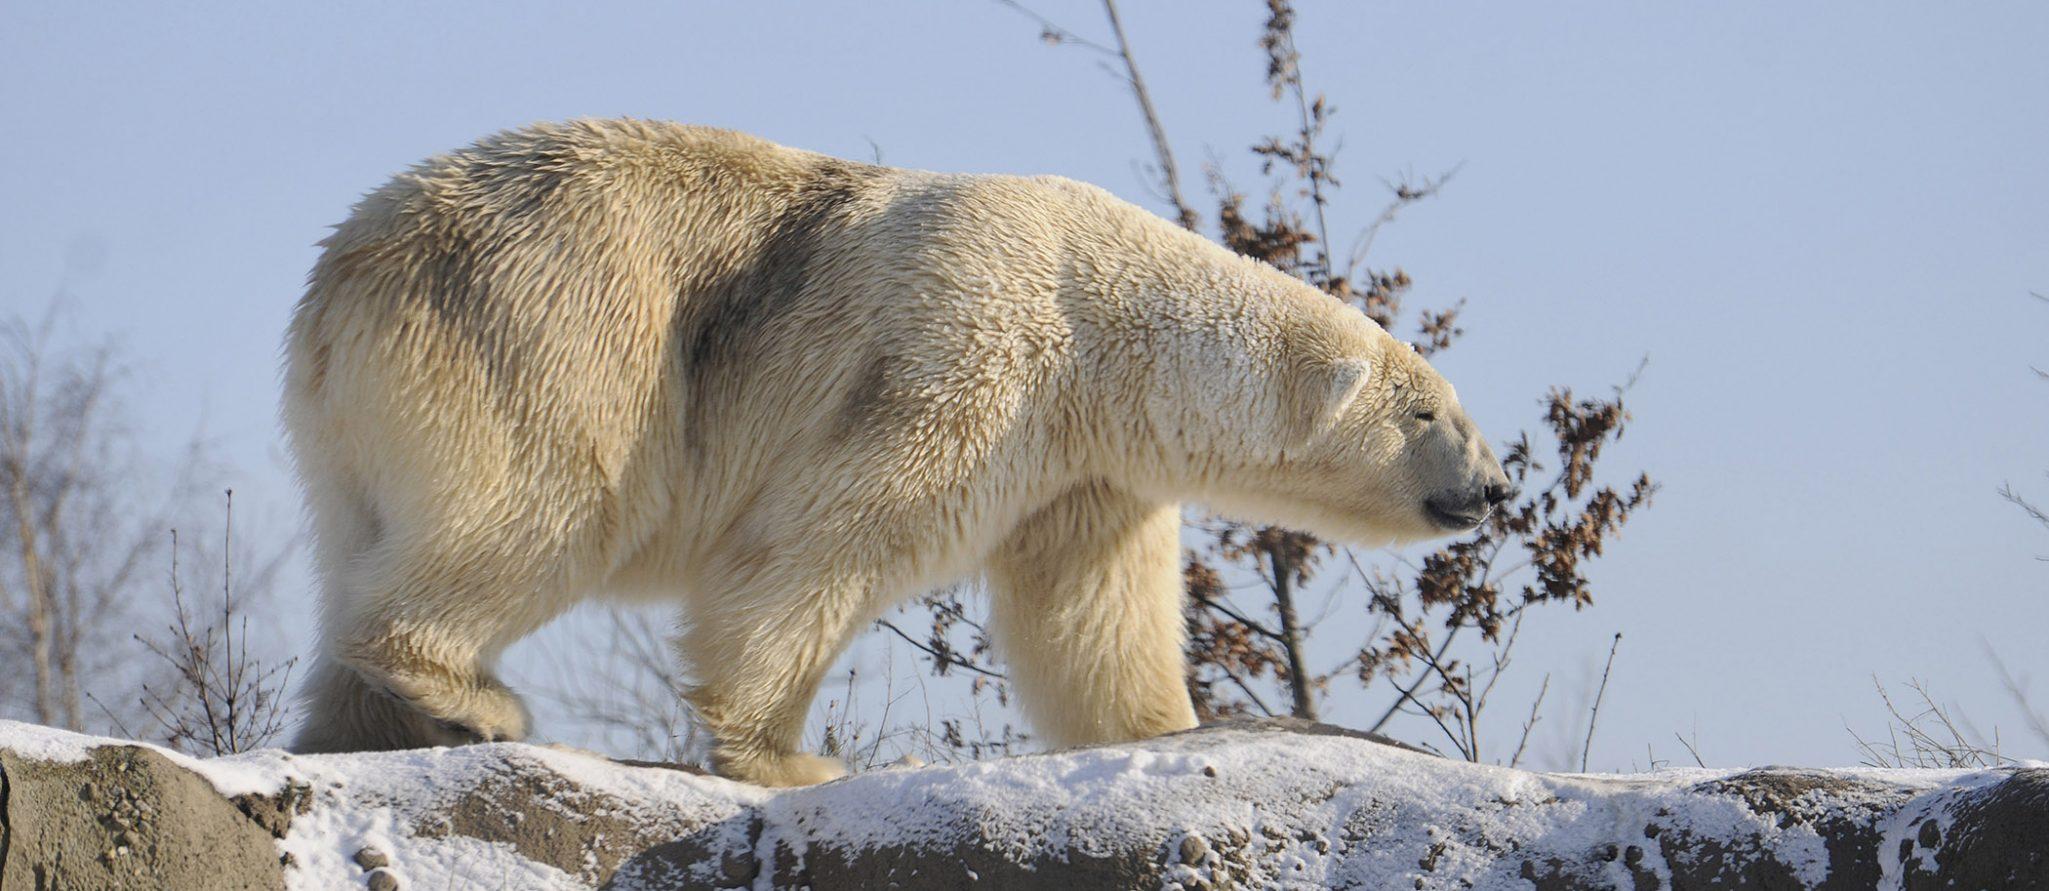 ijsbeer wandelt in de sneeuw